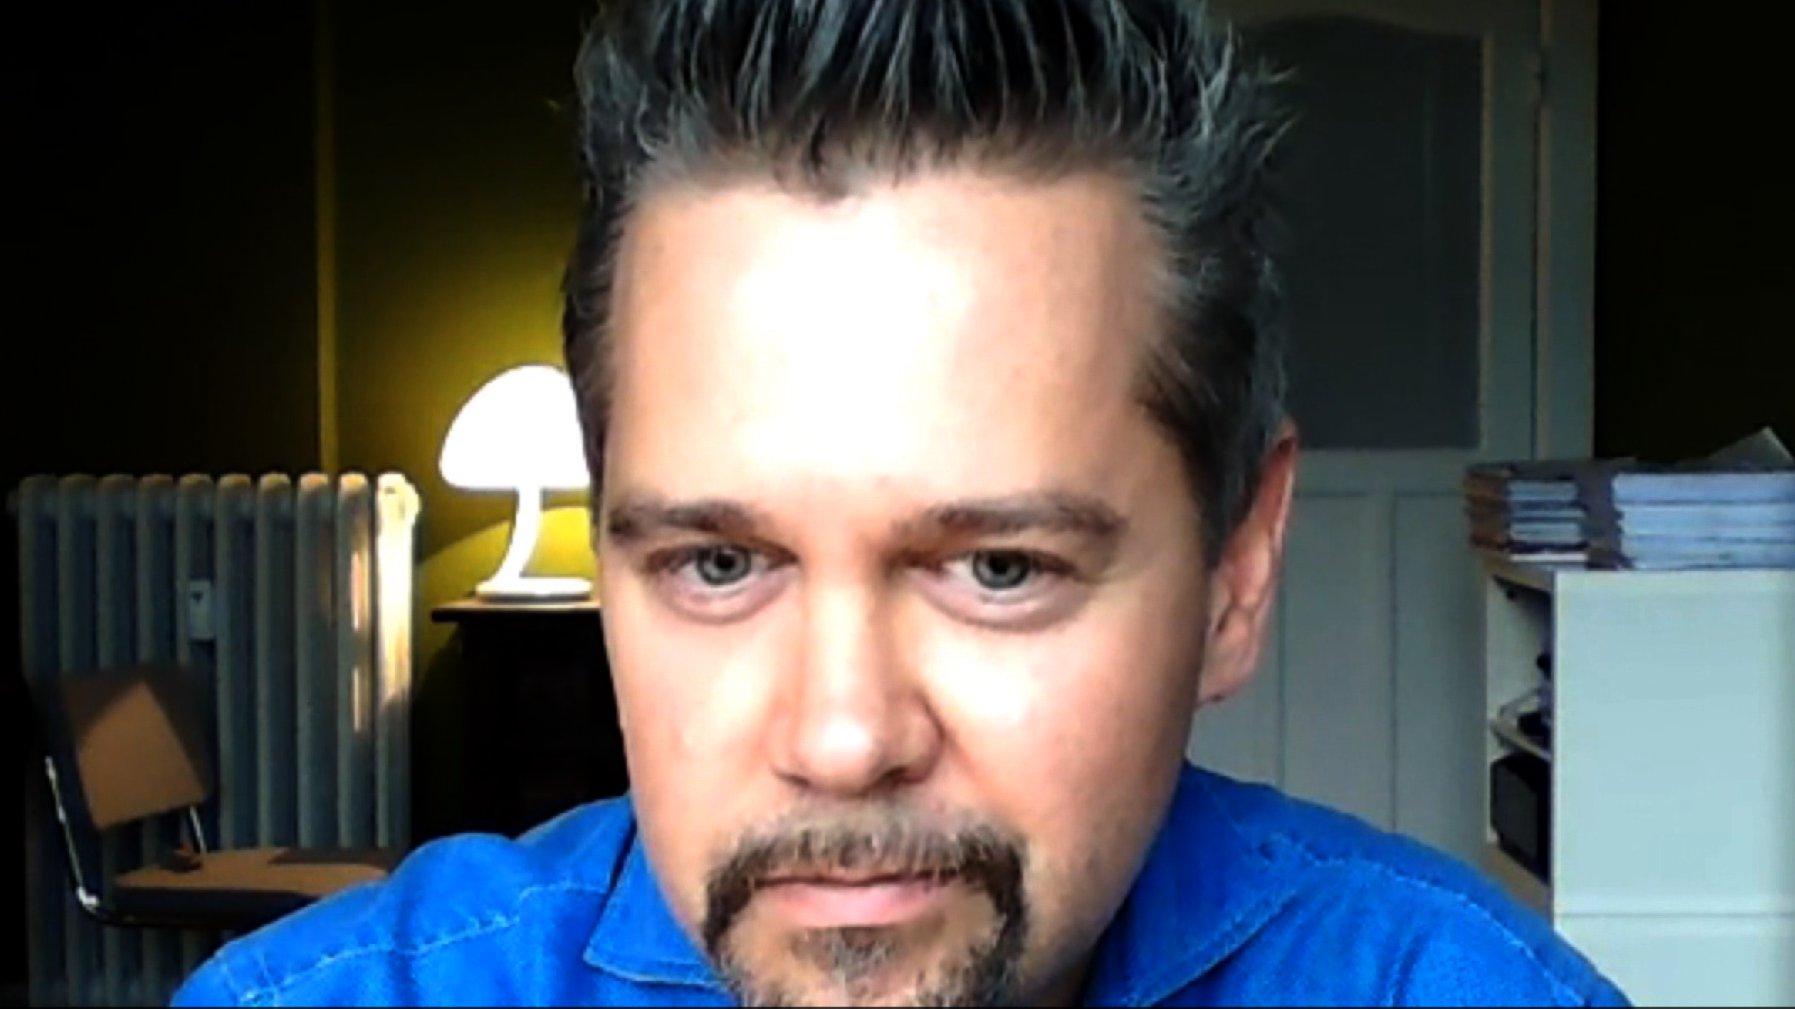 Journalismus-Professor und Medienexperte Stephan Weichert